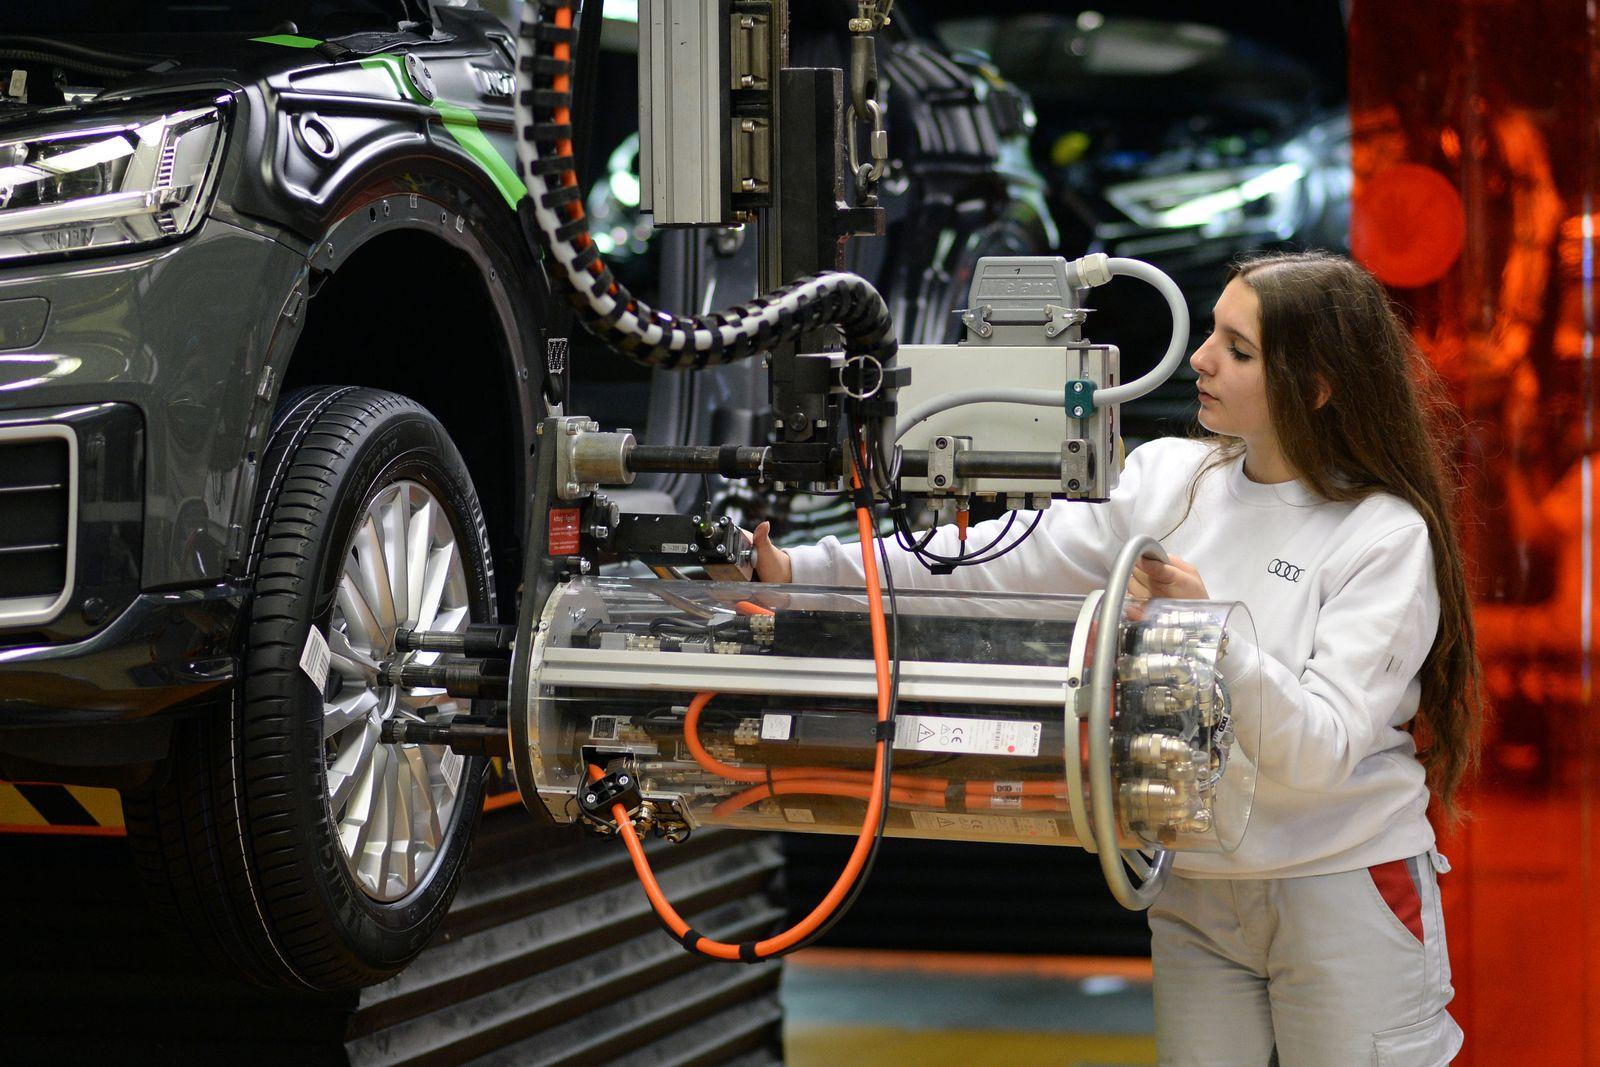 Deutschland / Konjunktur / Wirtschaft / Produktion bei Audi / Mitarbeiterin